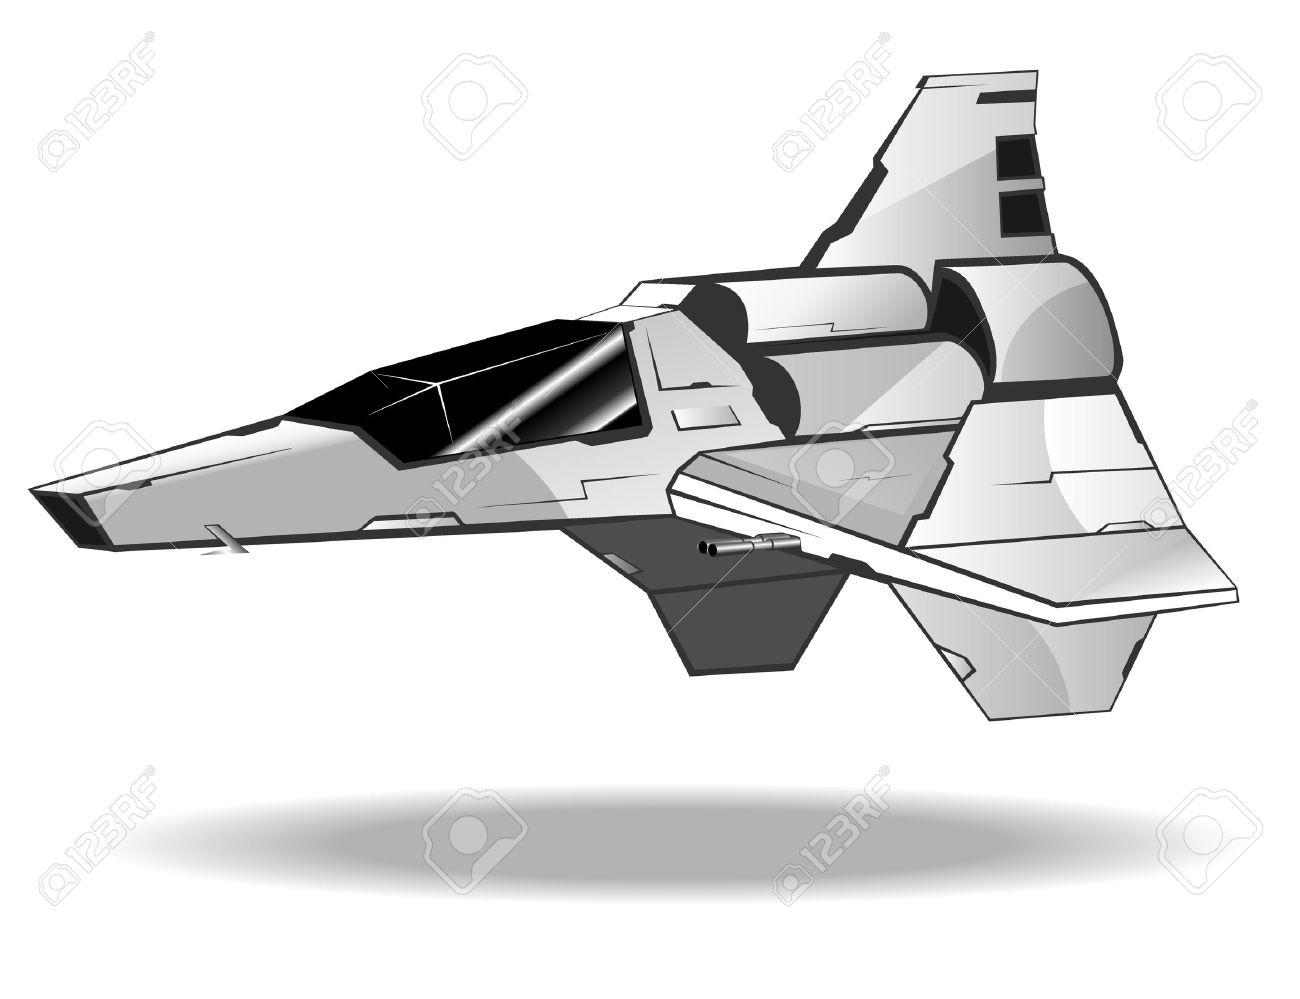 未来の宇宙船のベクトル イラストのイラスト素材ベクタ Image 10779547